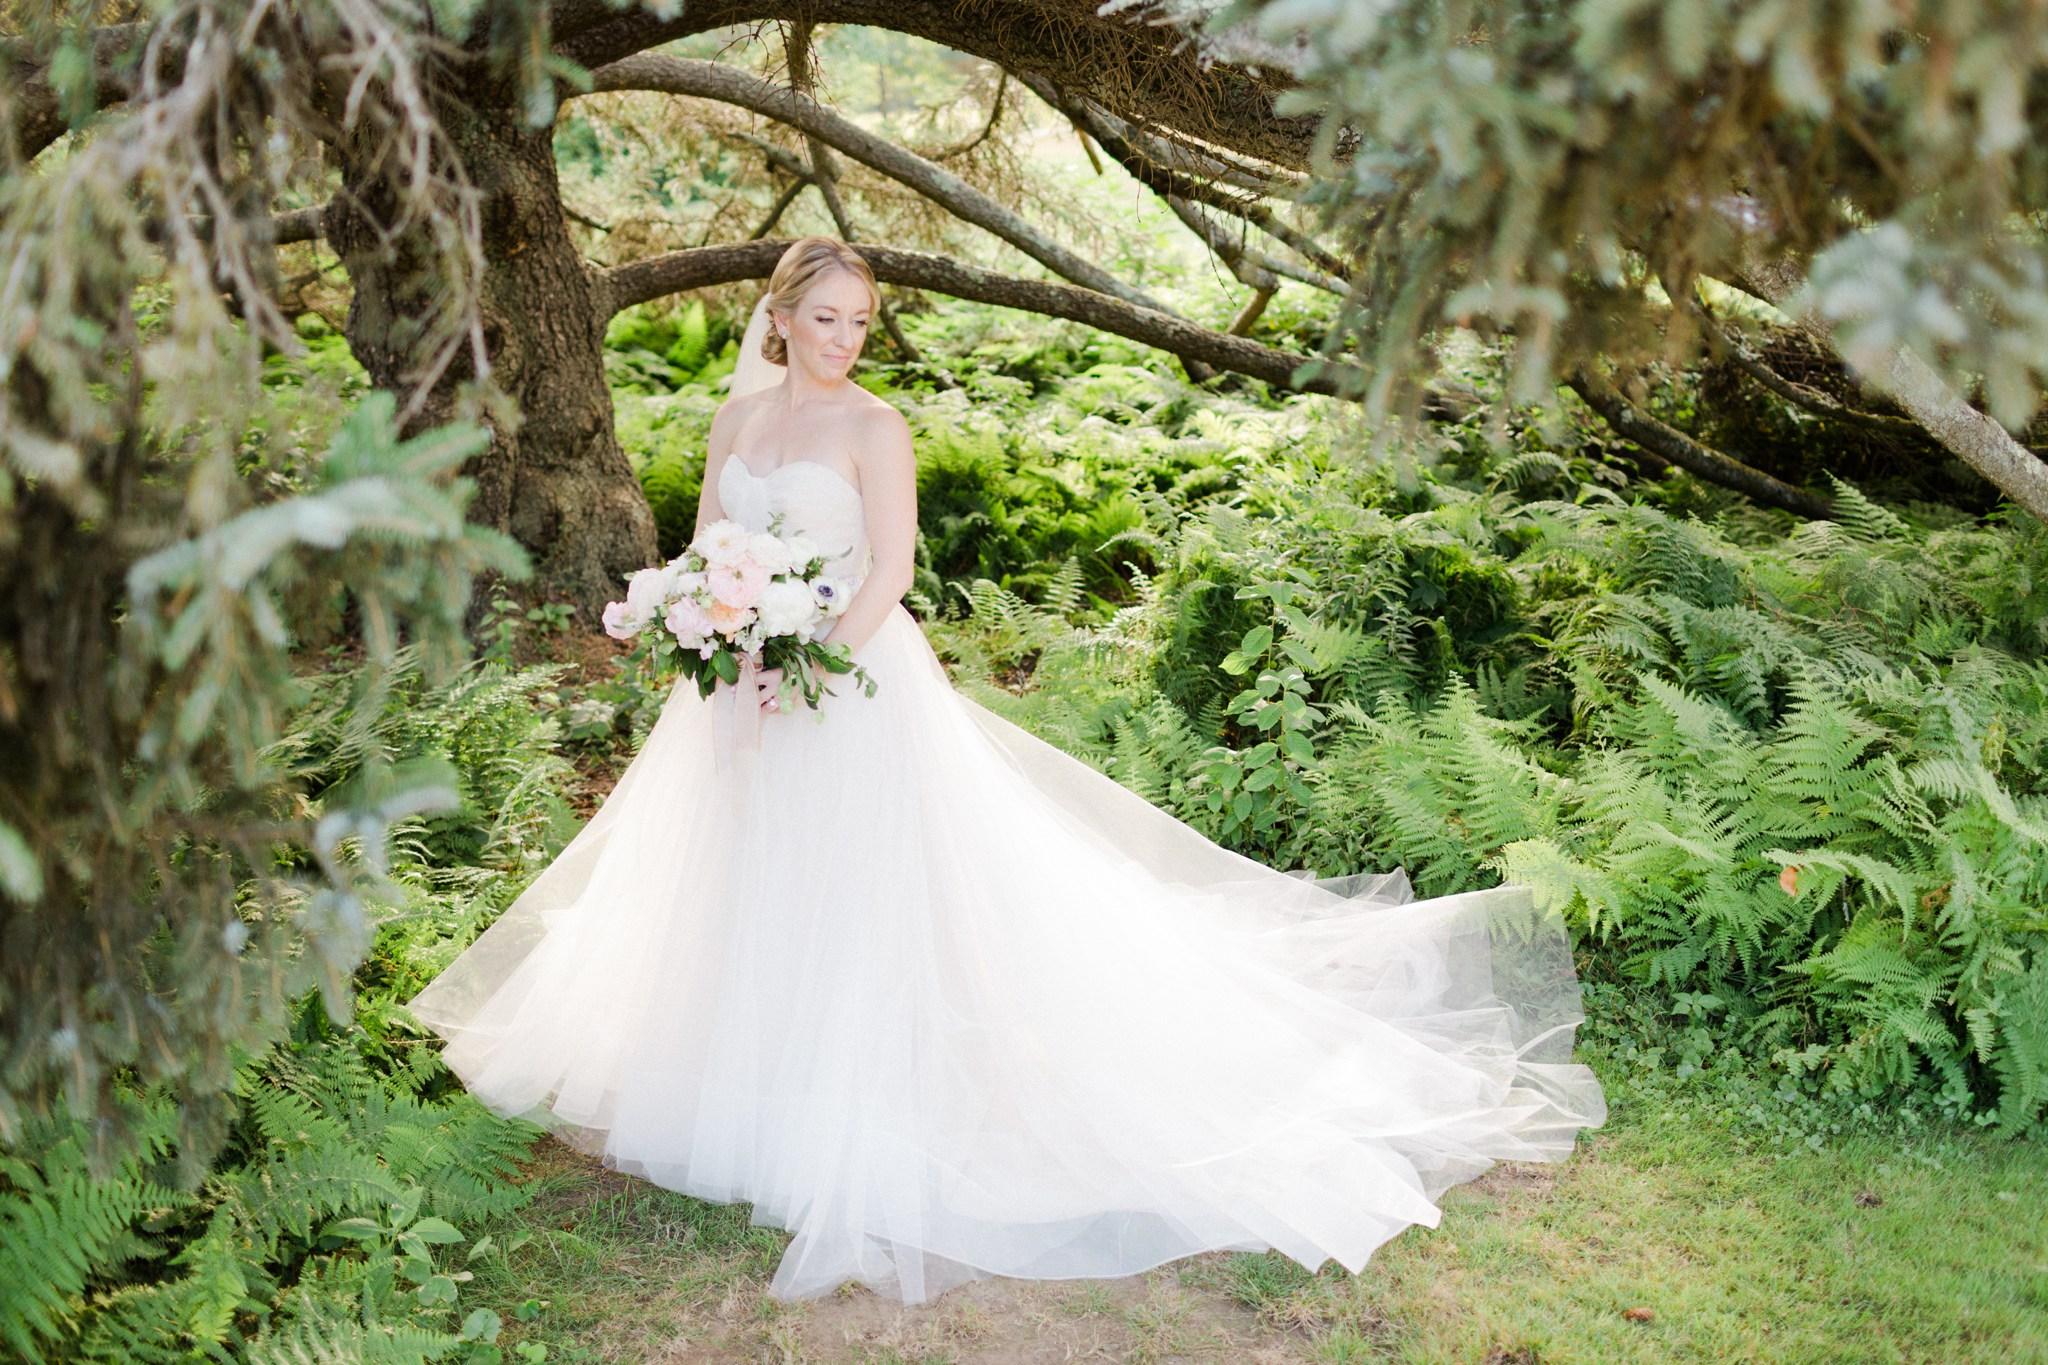 moraine_farm_wedding_deborah_zoe_0066.JPG